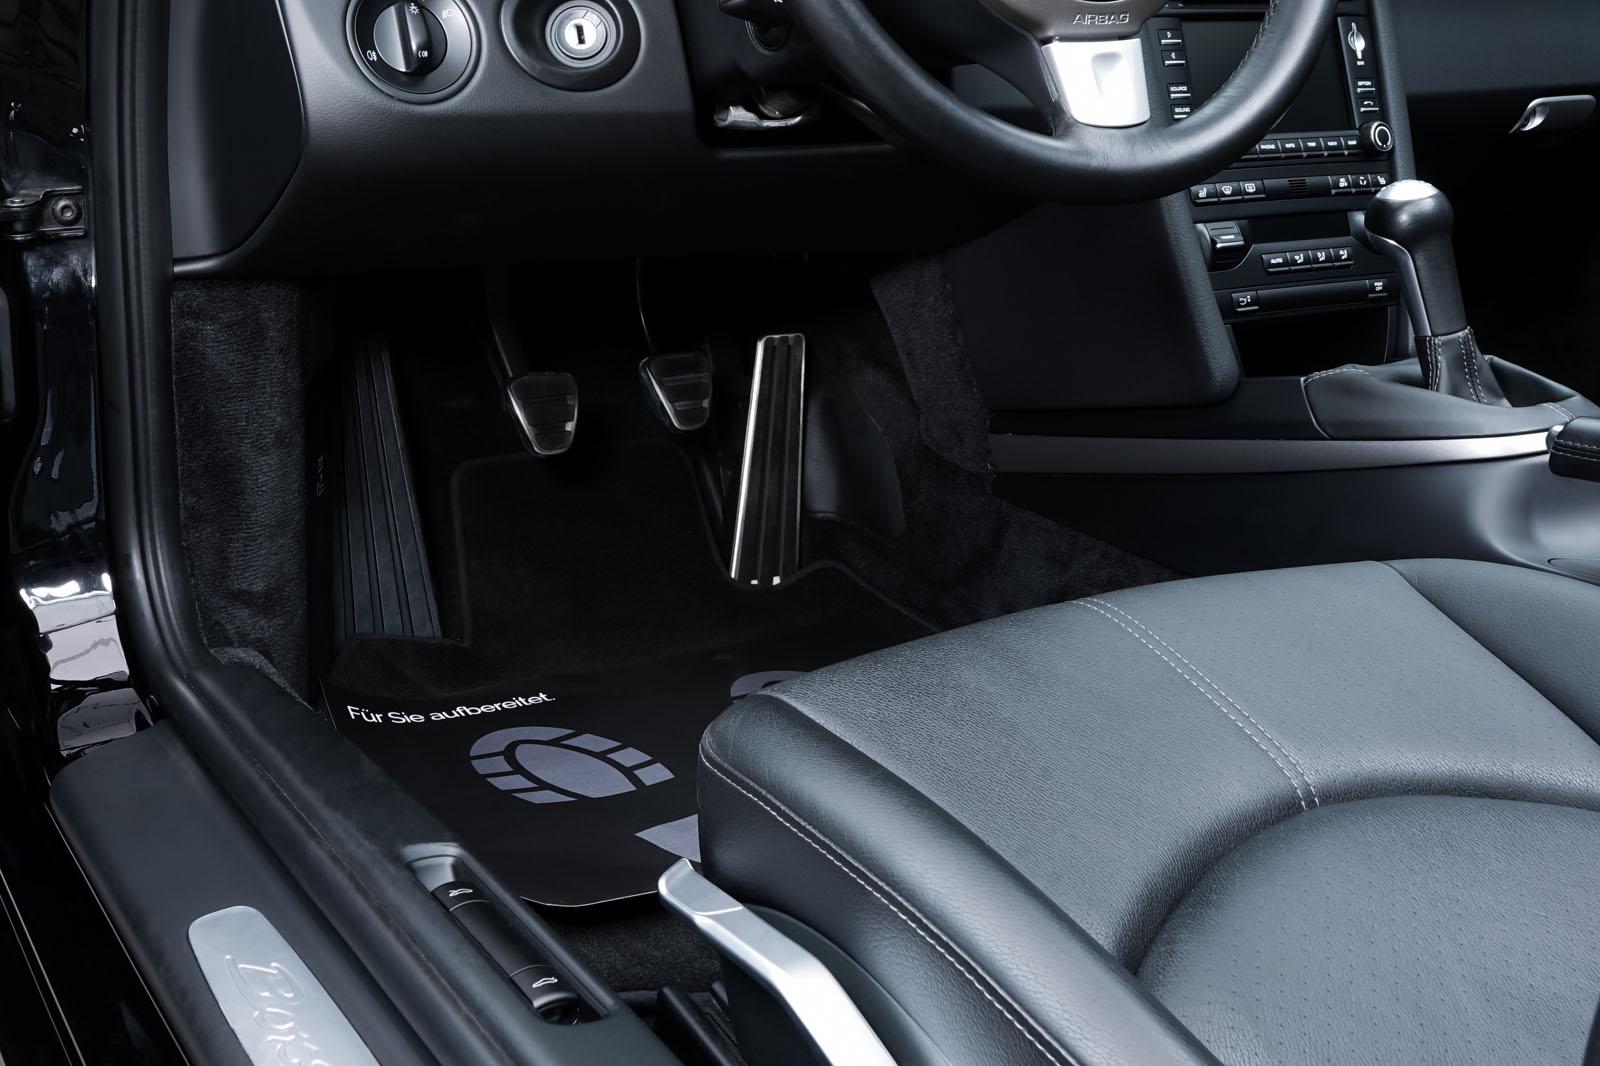 Porsche_Boxster_Schwarz_Schwarz_POR-0927_9_w